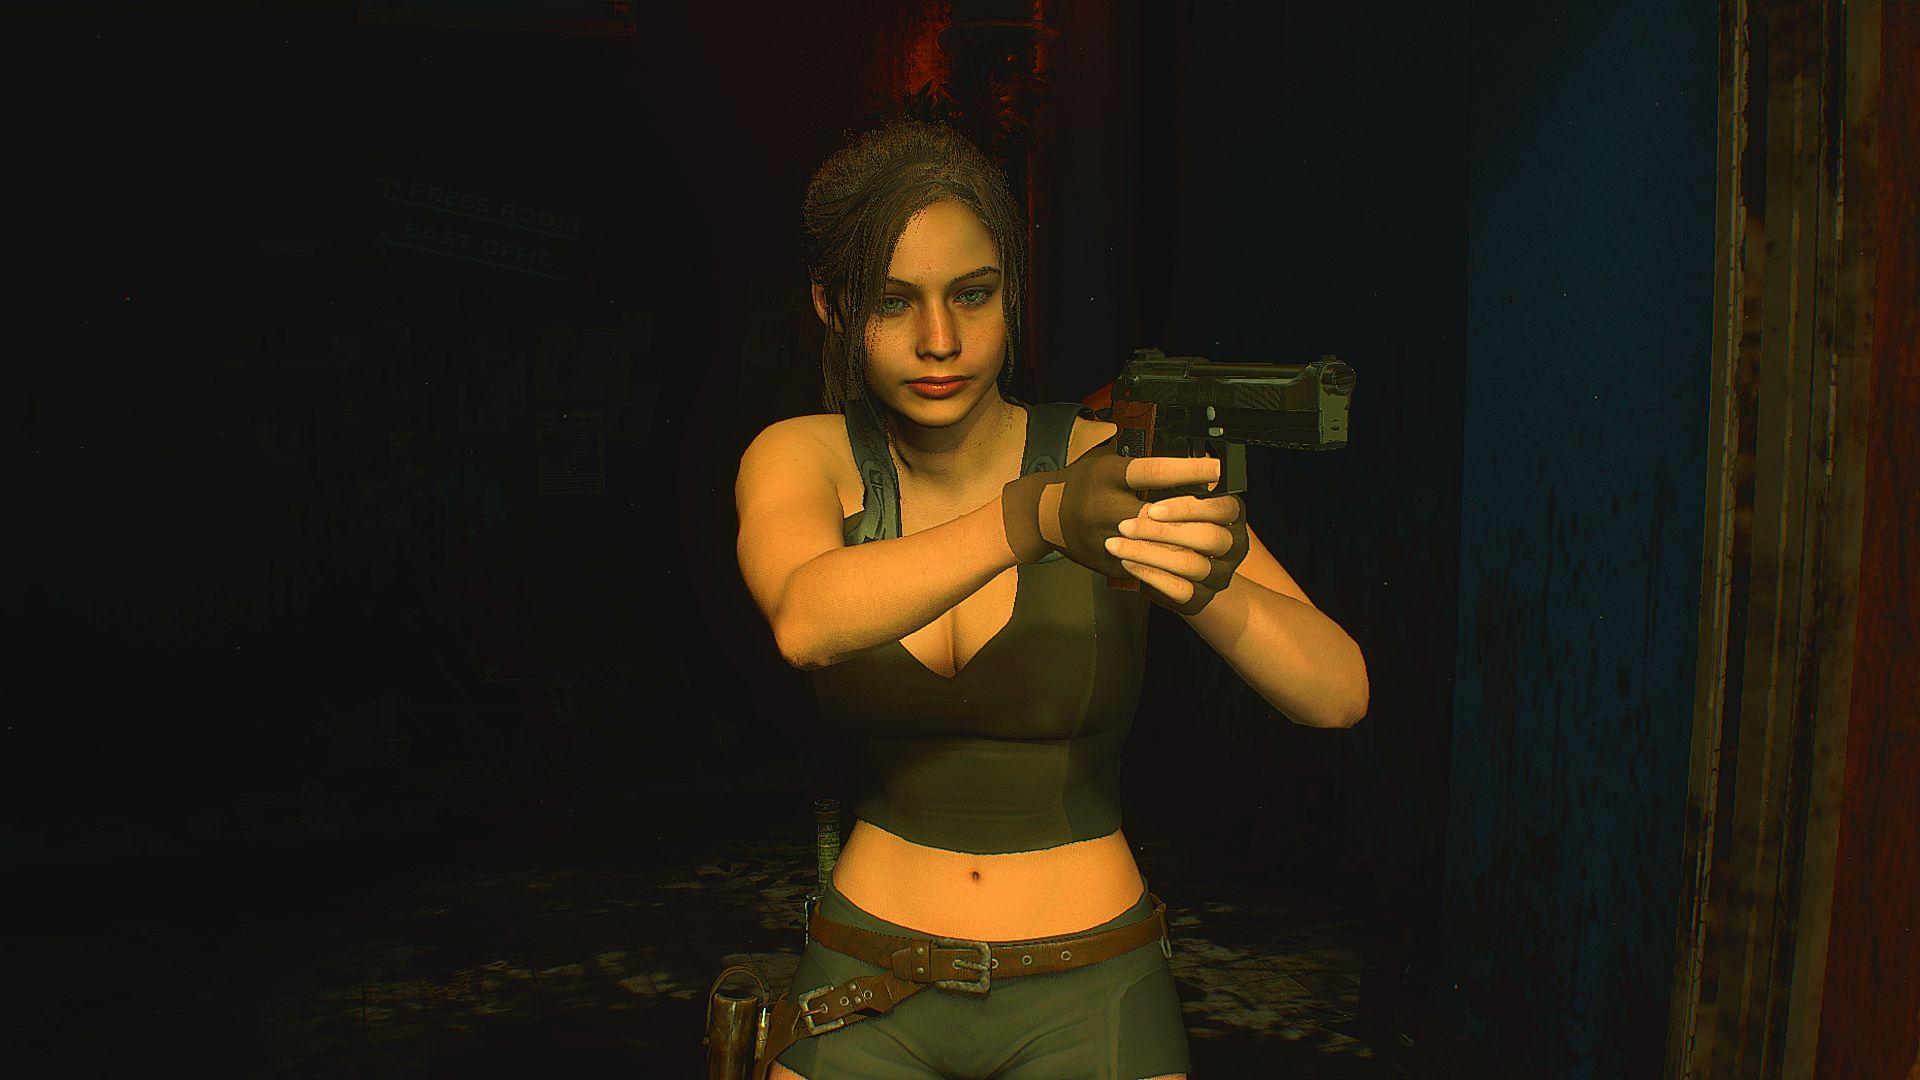 00062.Jpg - Resident Evil 2